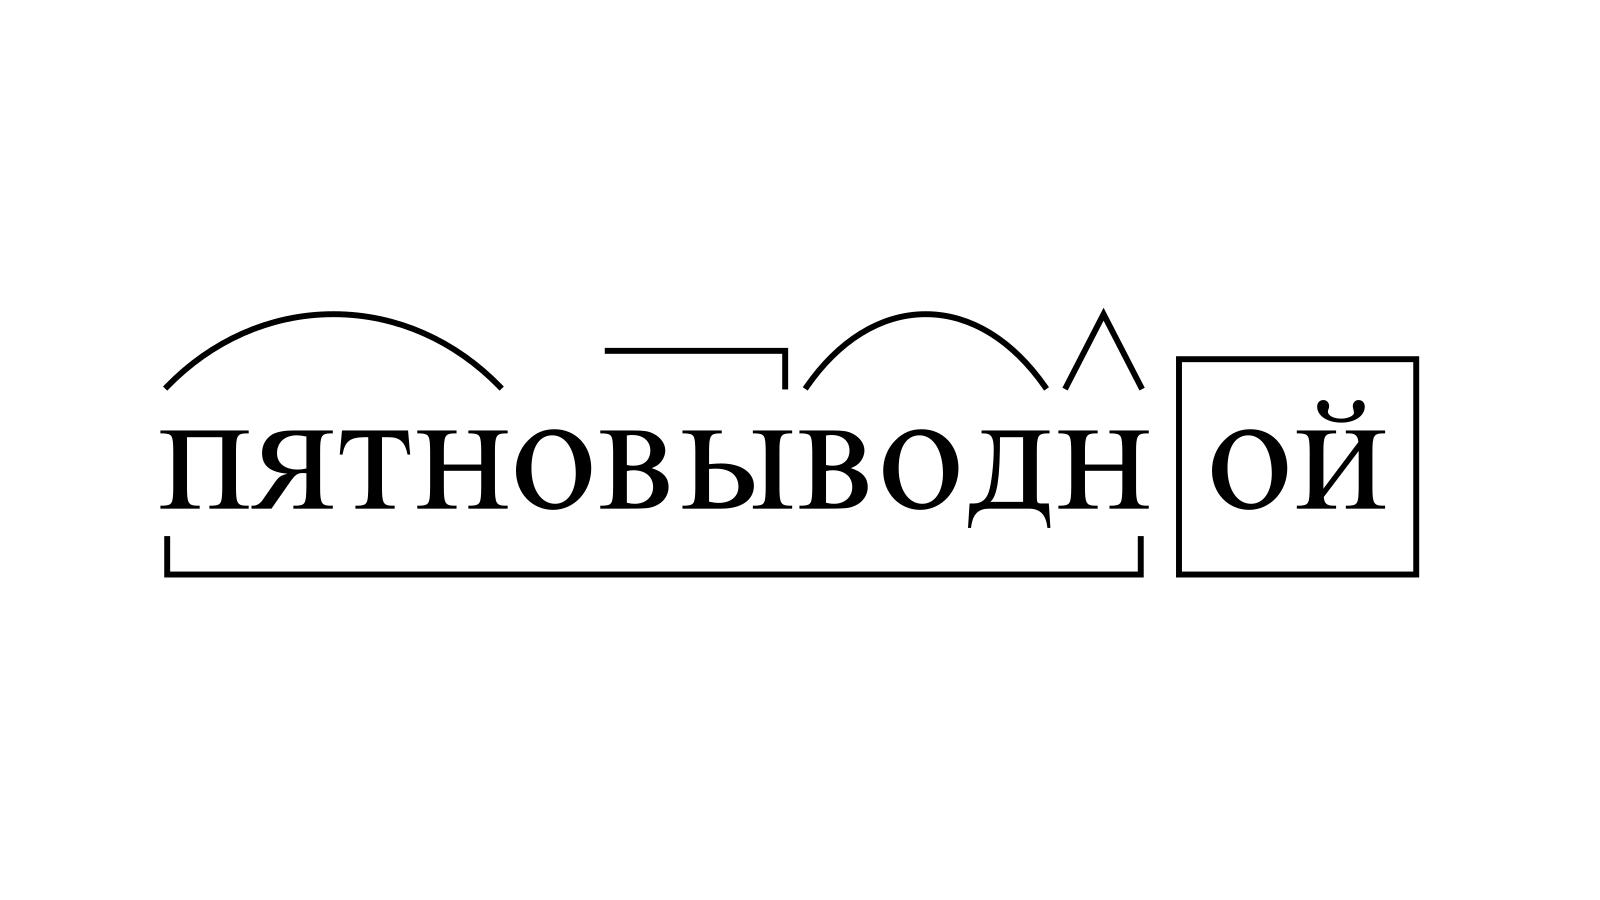 Разбор слова «пятновыводной» по составу